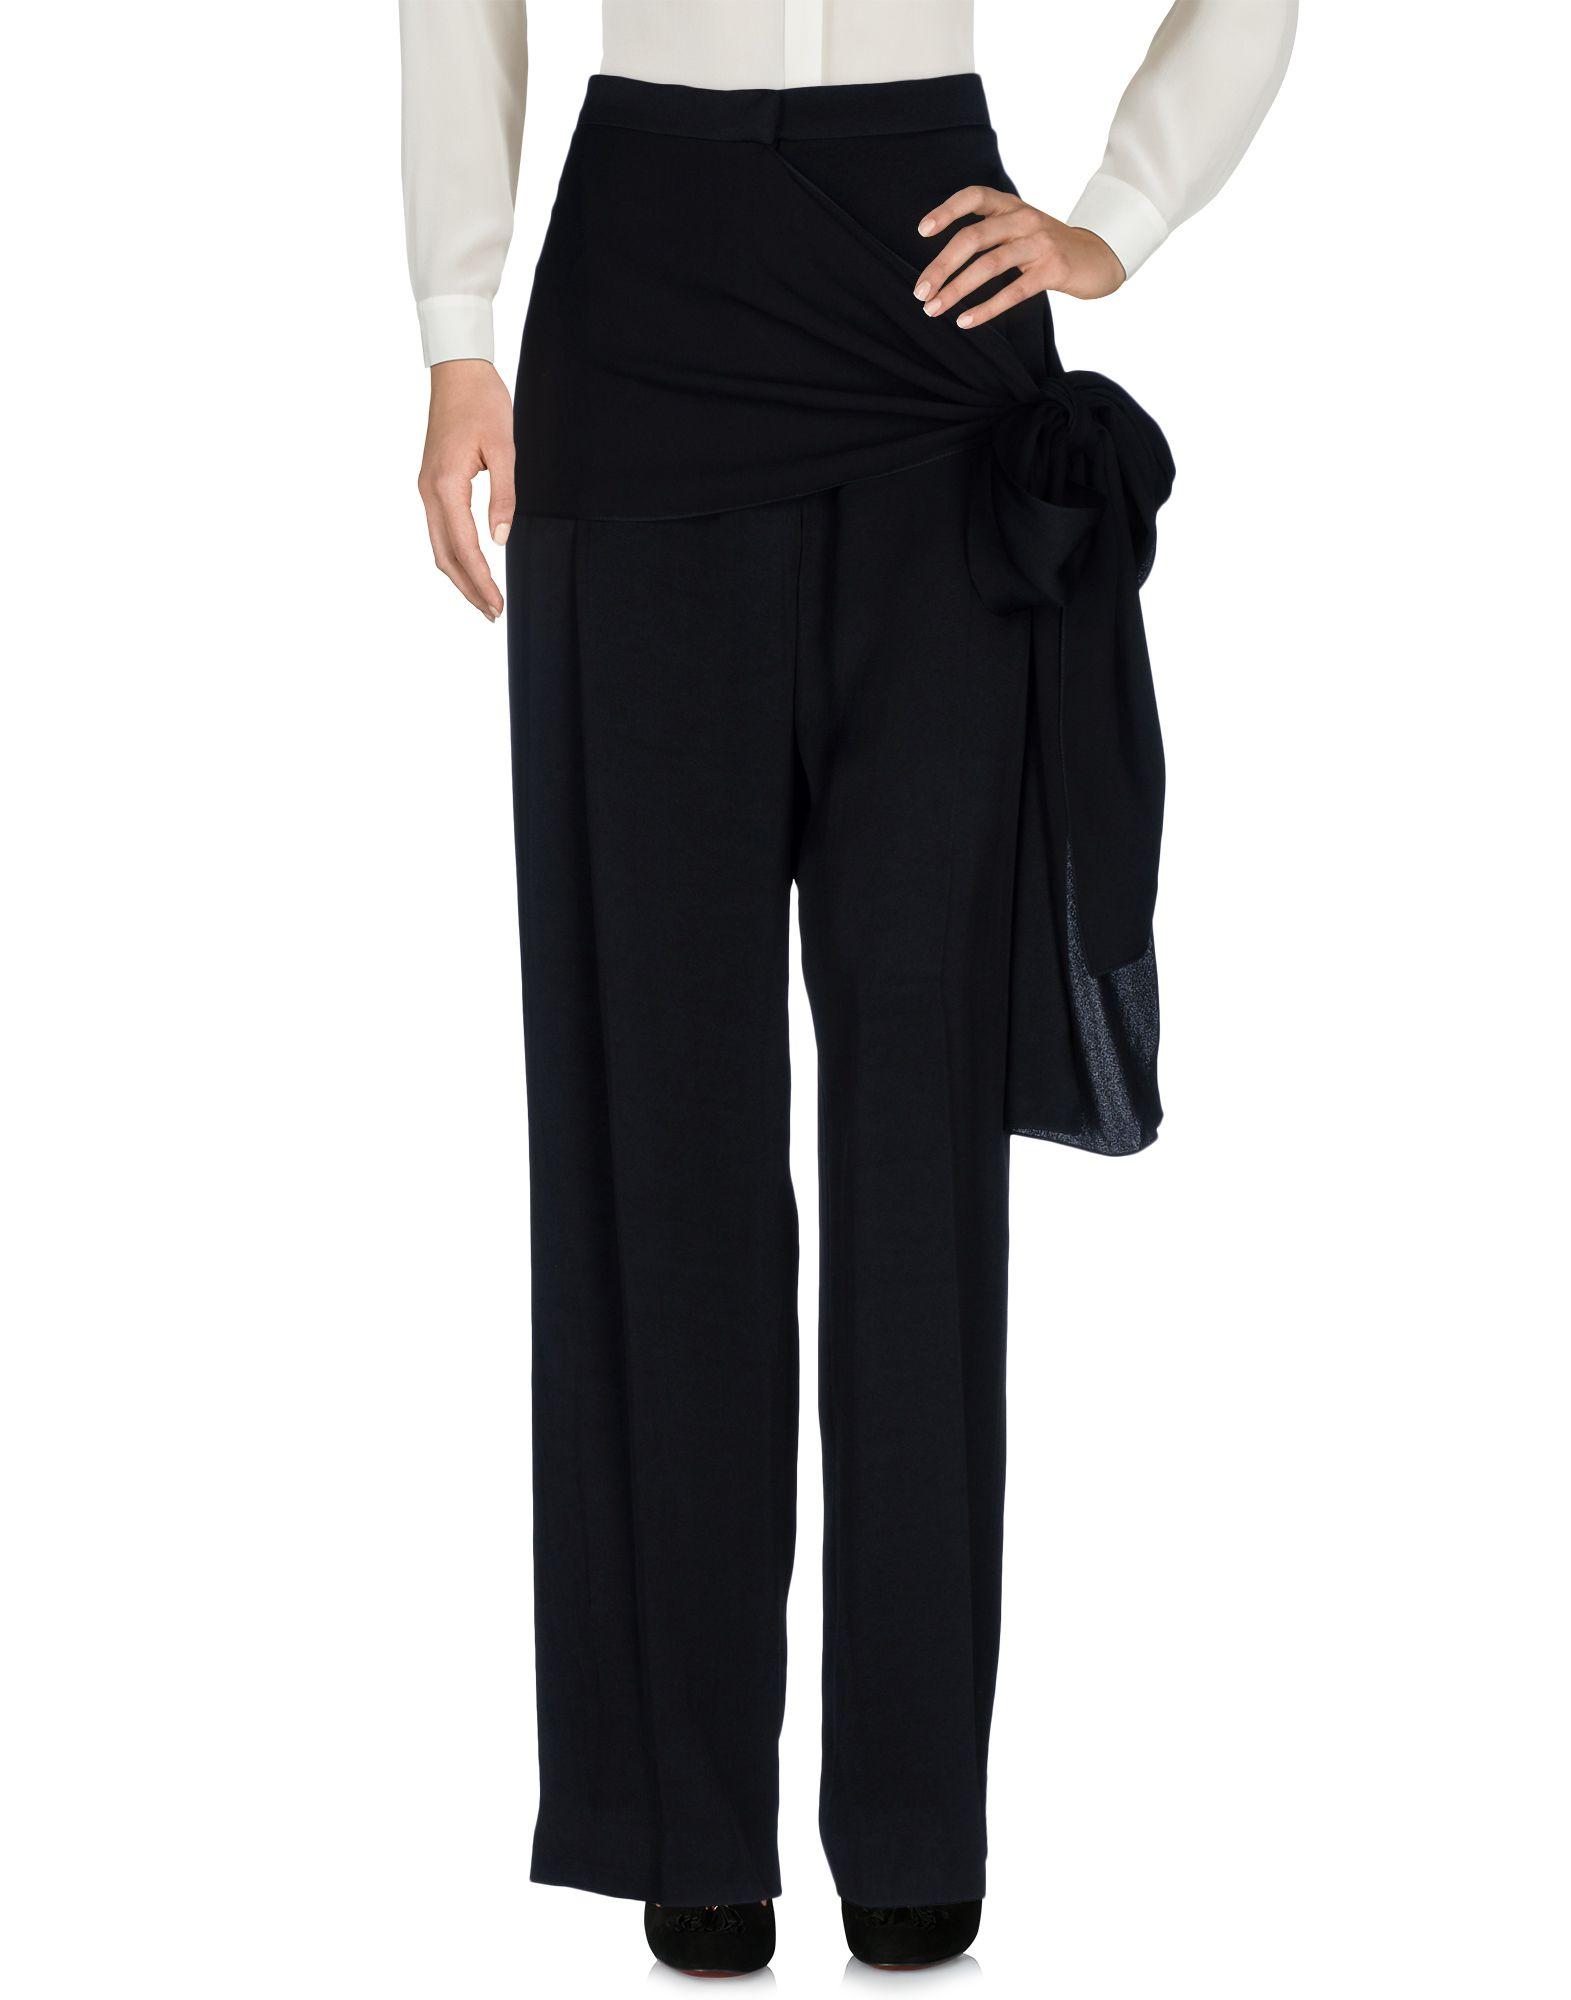 LANVIN Damen Hose Farbe Schwarz Größe 6